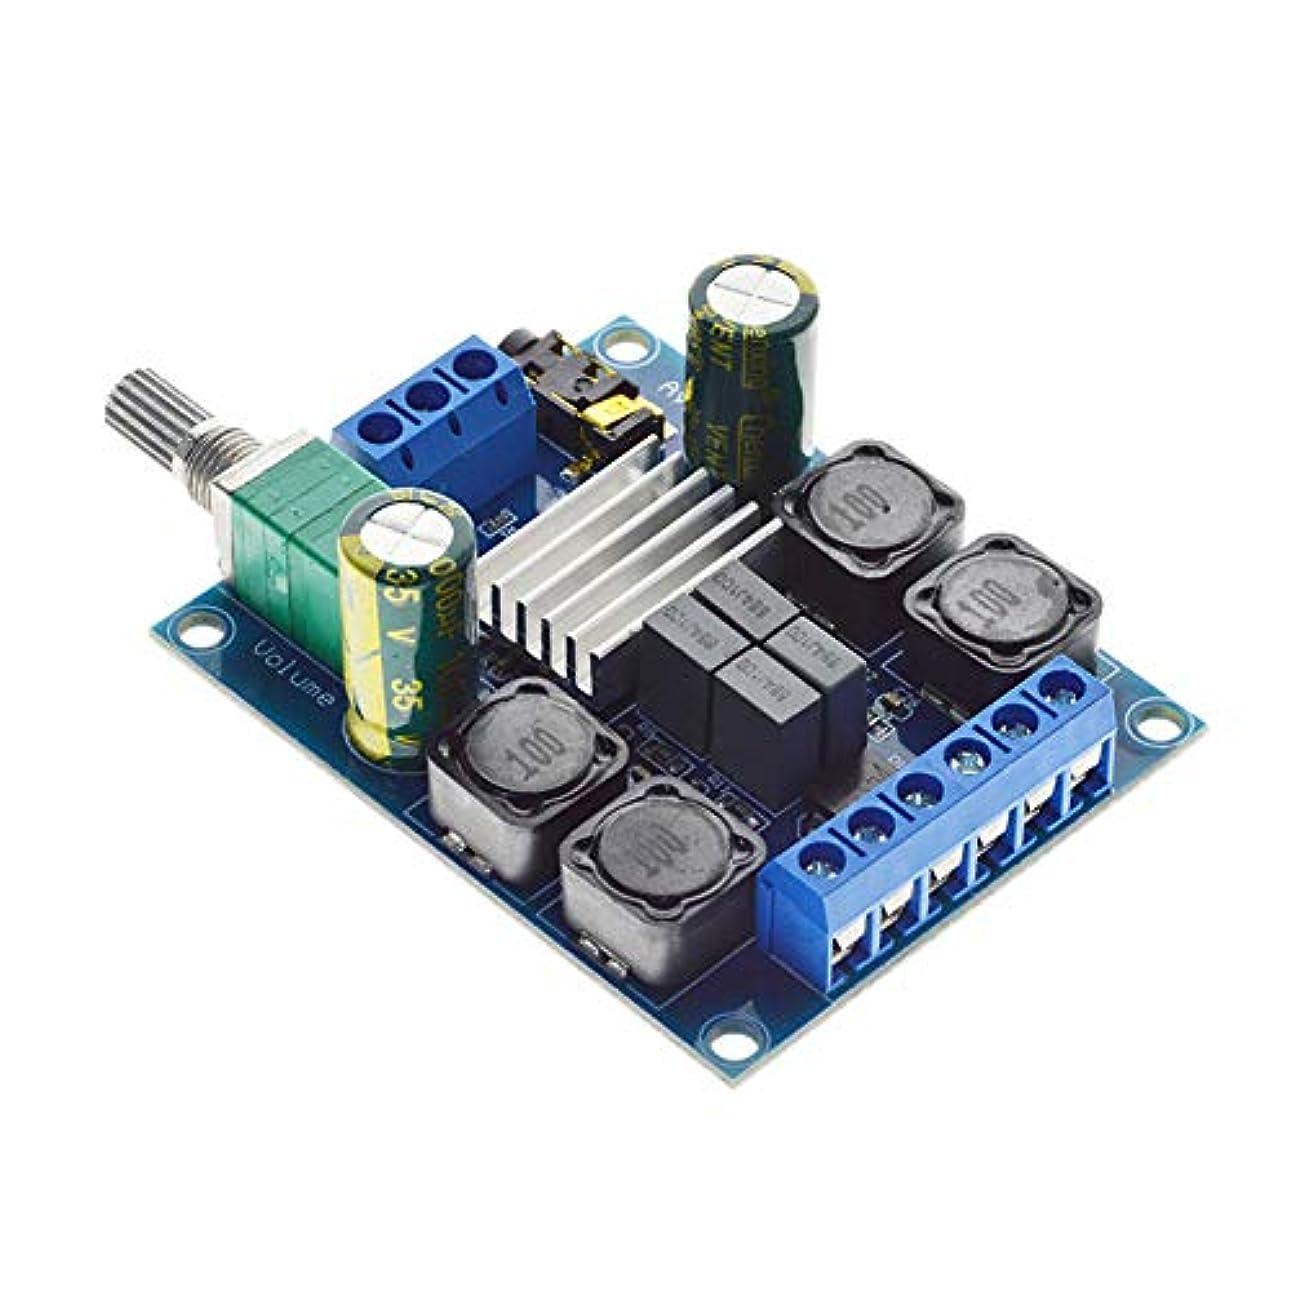 下品宣言するマオリPStylish   TPA3116D2 2X50Wステレオデジタルオーディオアンプボードパワーアンプモジュール